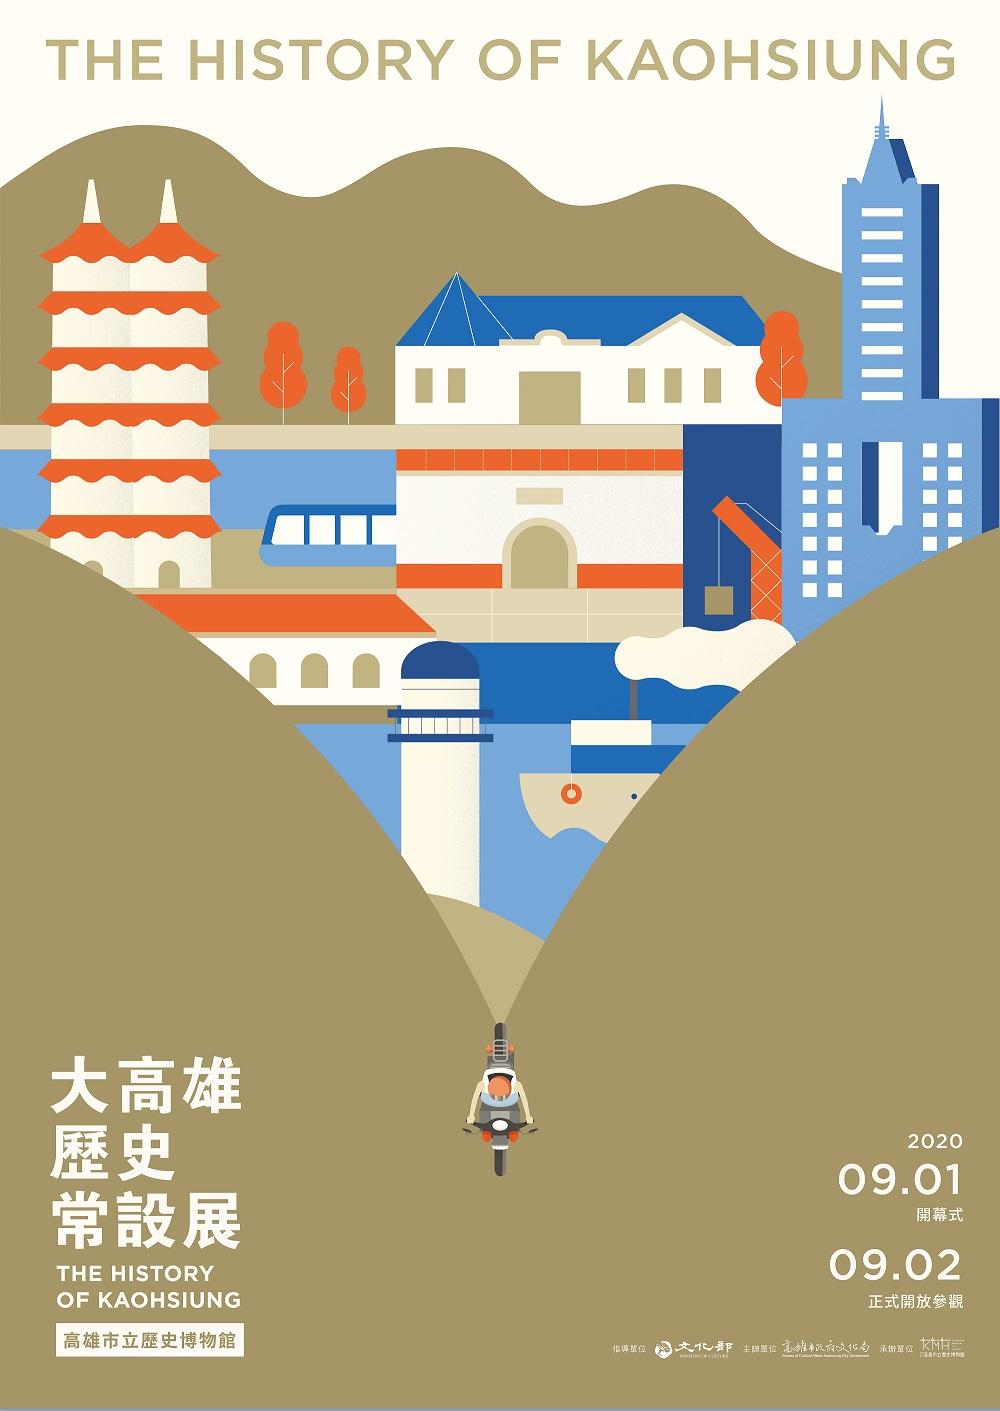 高雄市立歷史博物館:2020/9/1-12/31【大高雄歷史常設展】